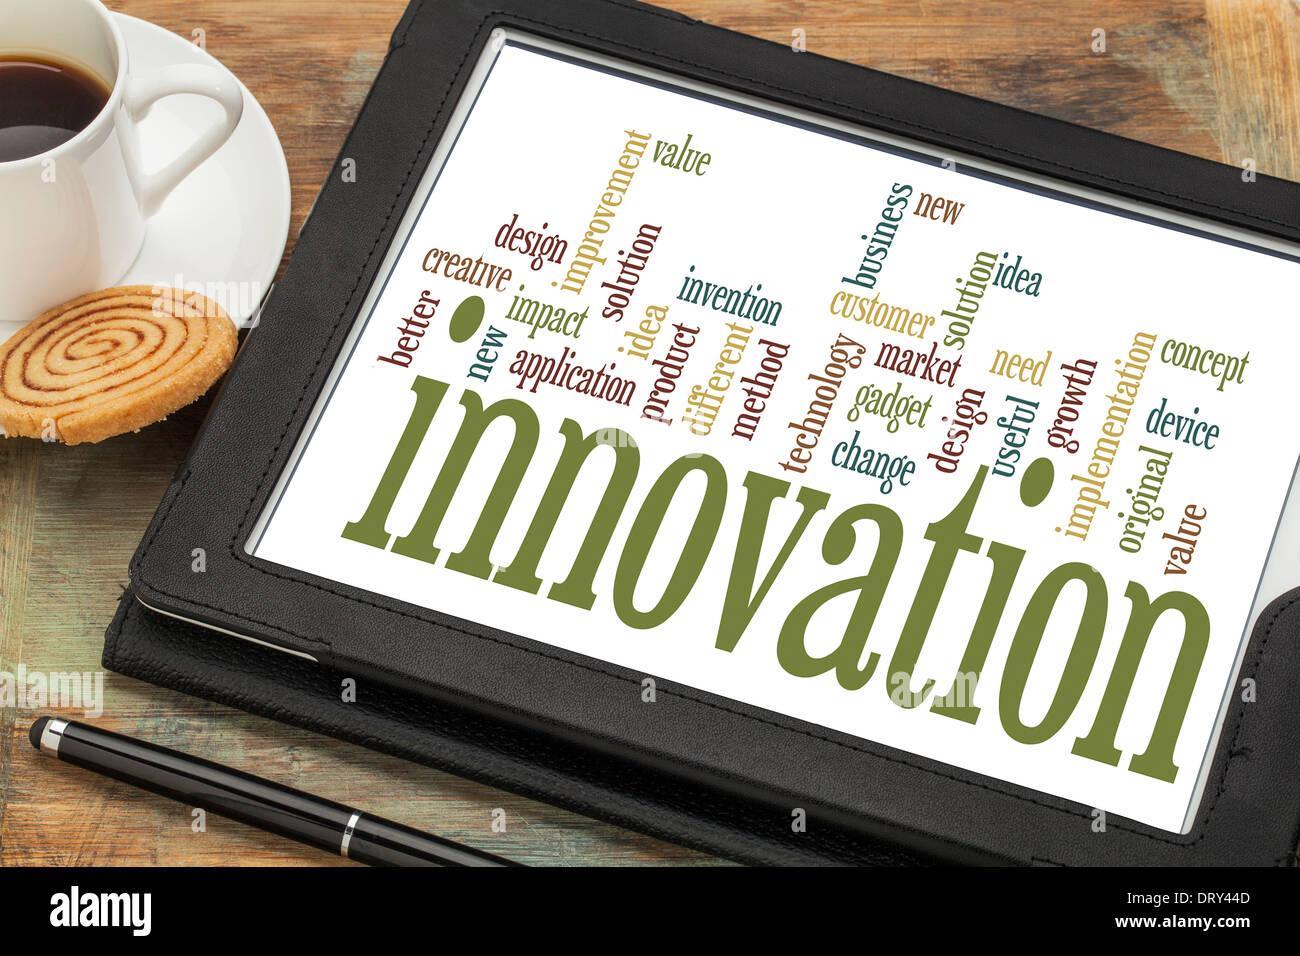 Concepto de innovación - la palabra nube en una tableta digital con una taza de café Imagen De Stock